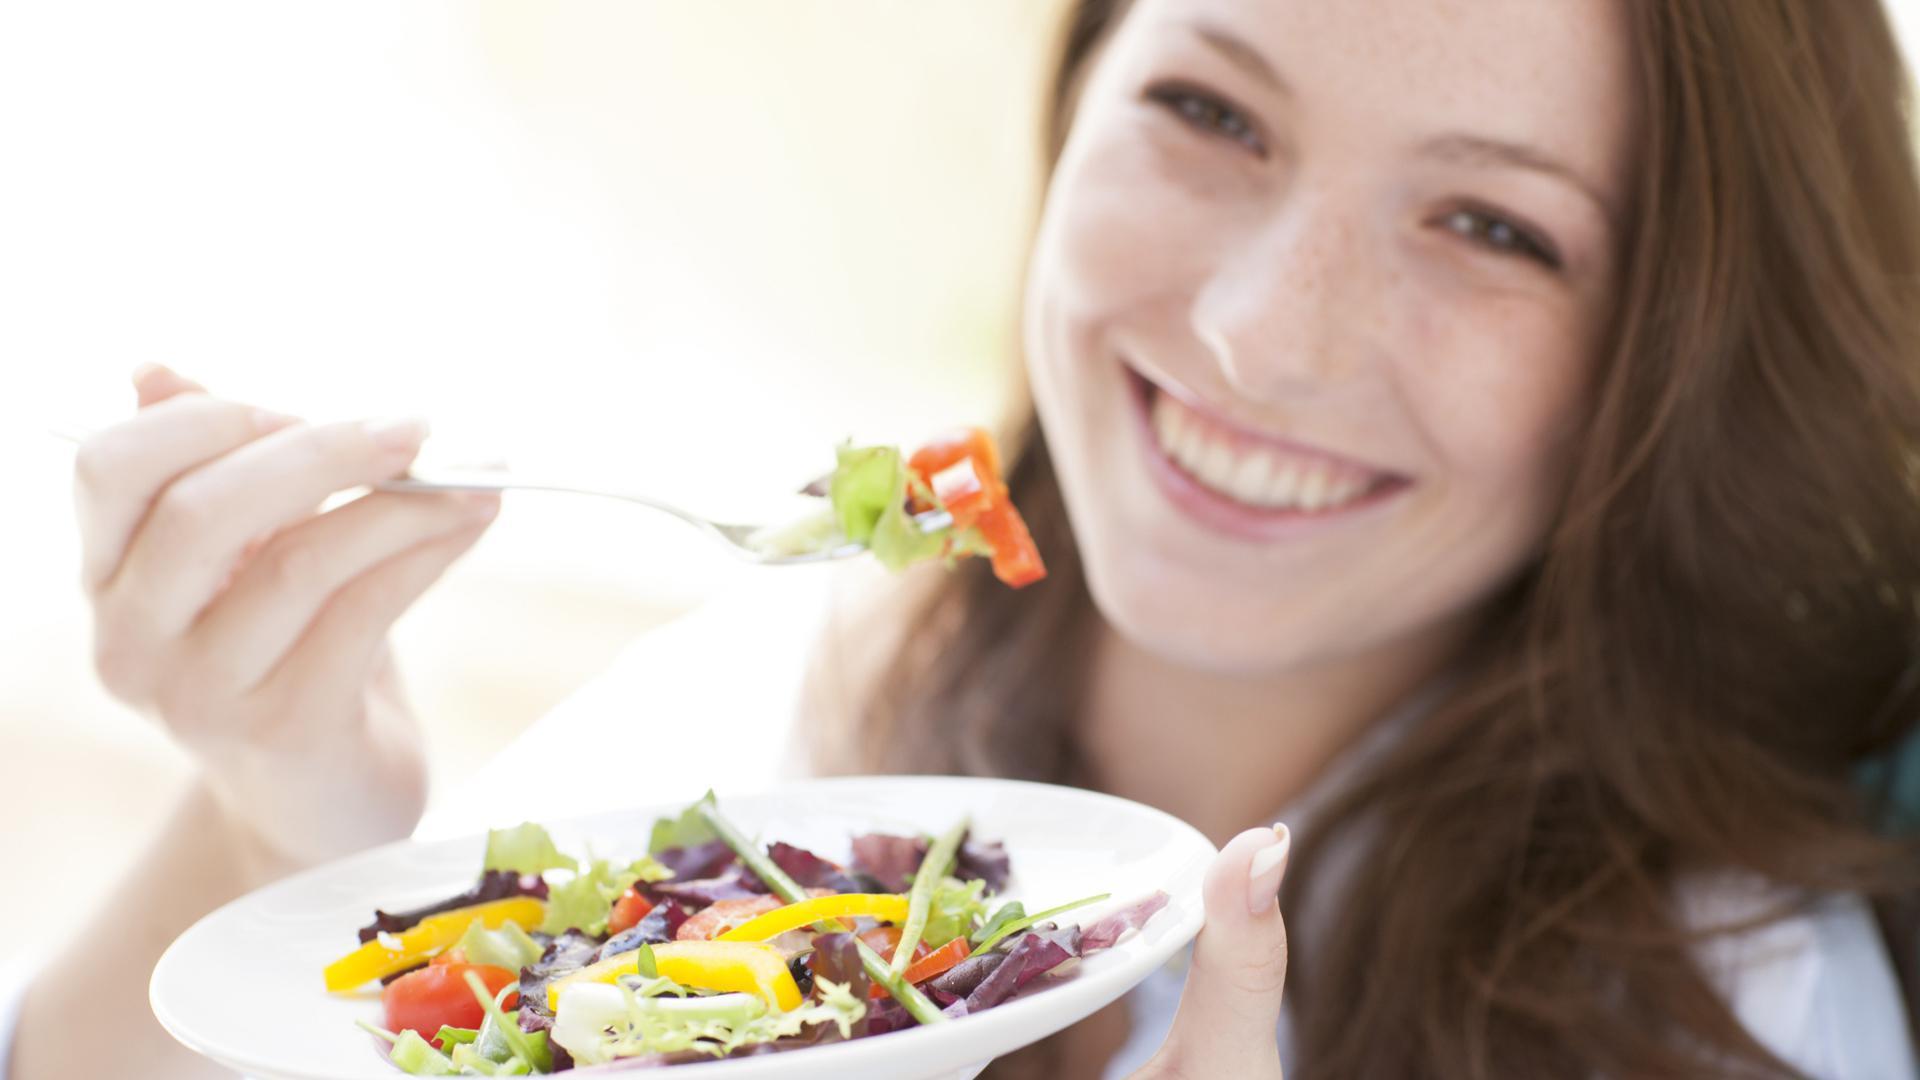 woman eating veggies